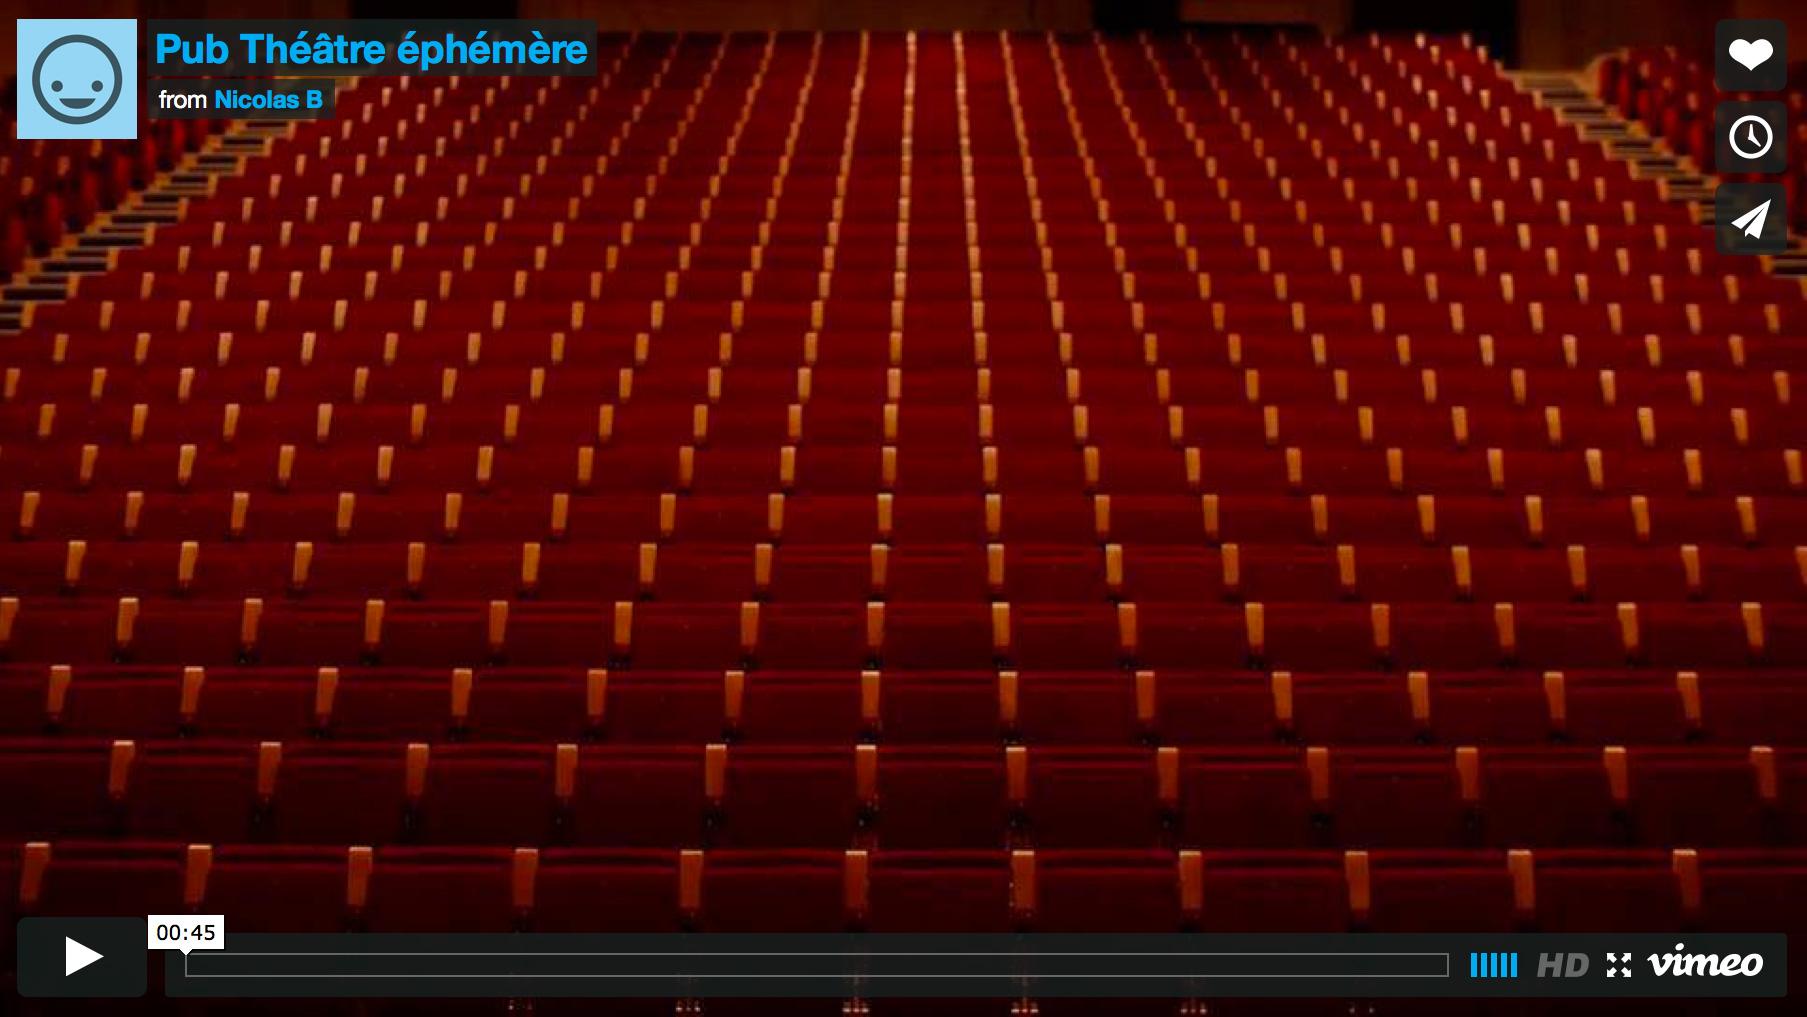 Publicité Théâtre Ephémère